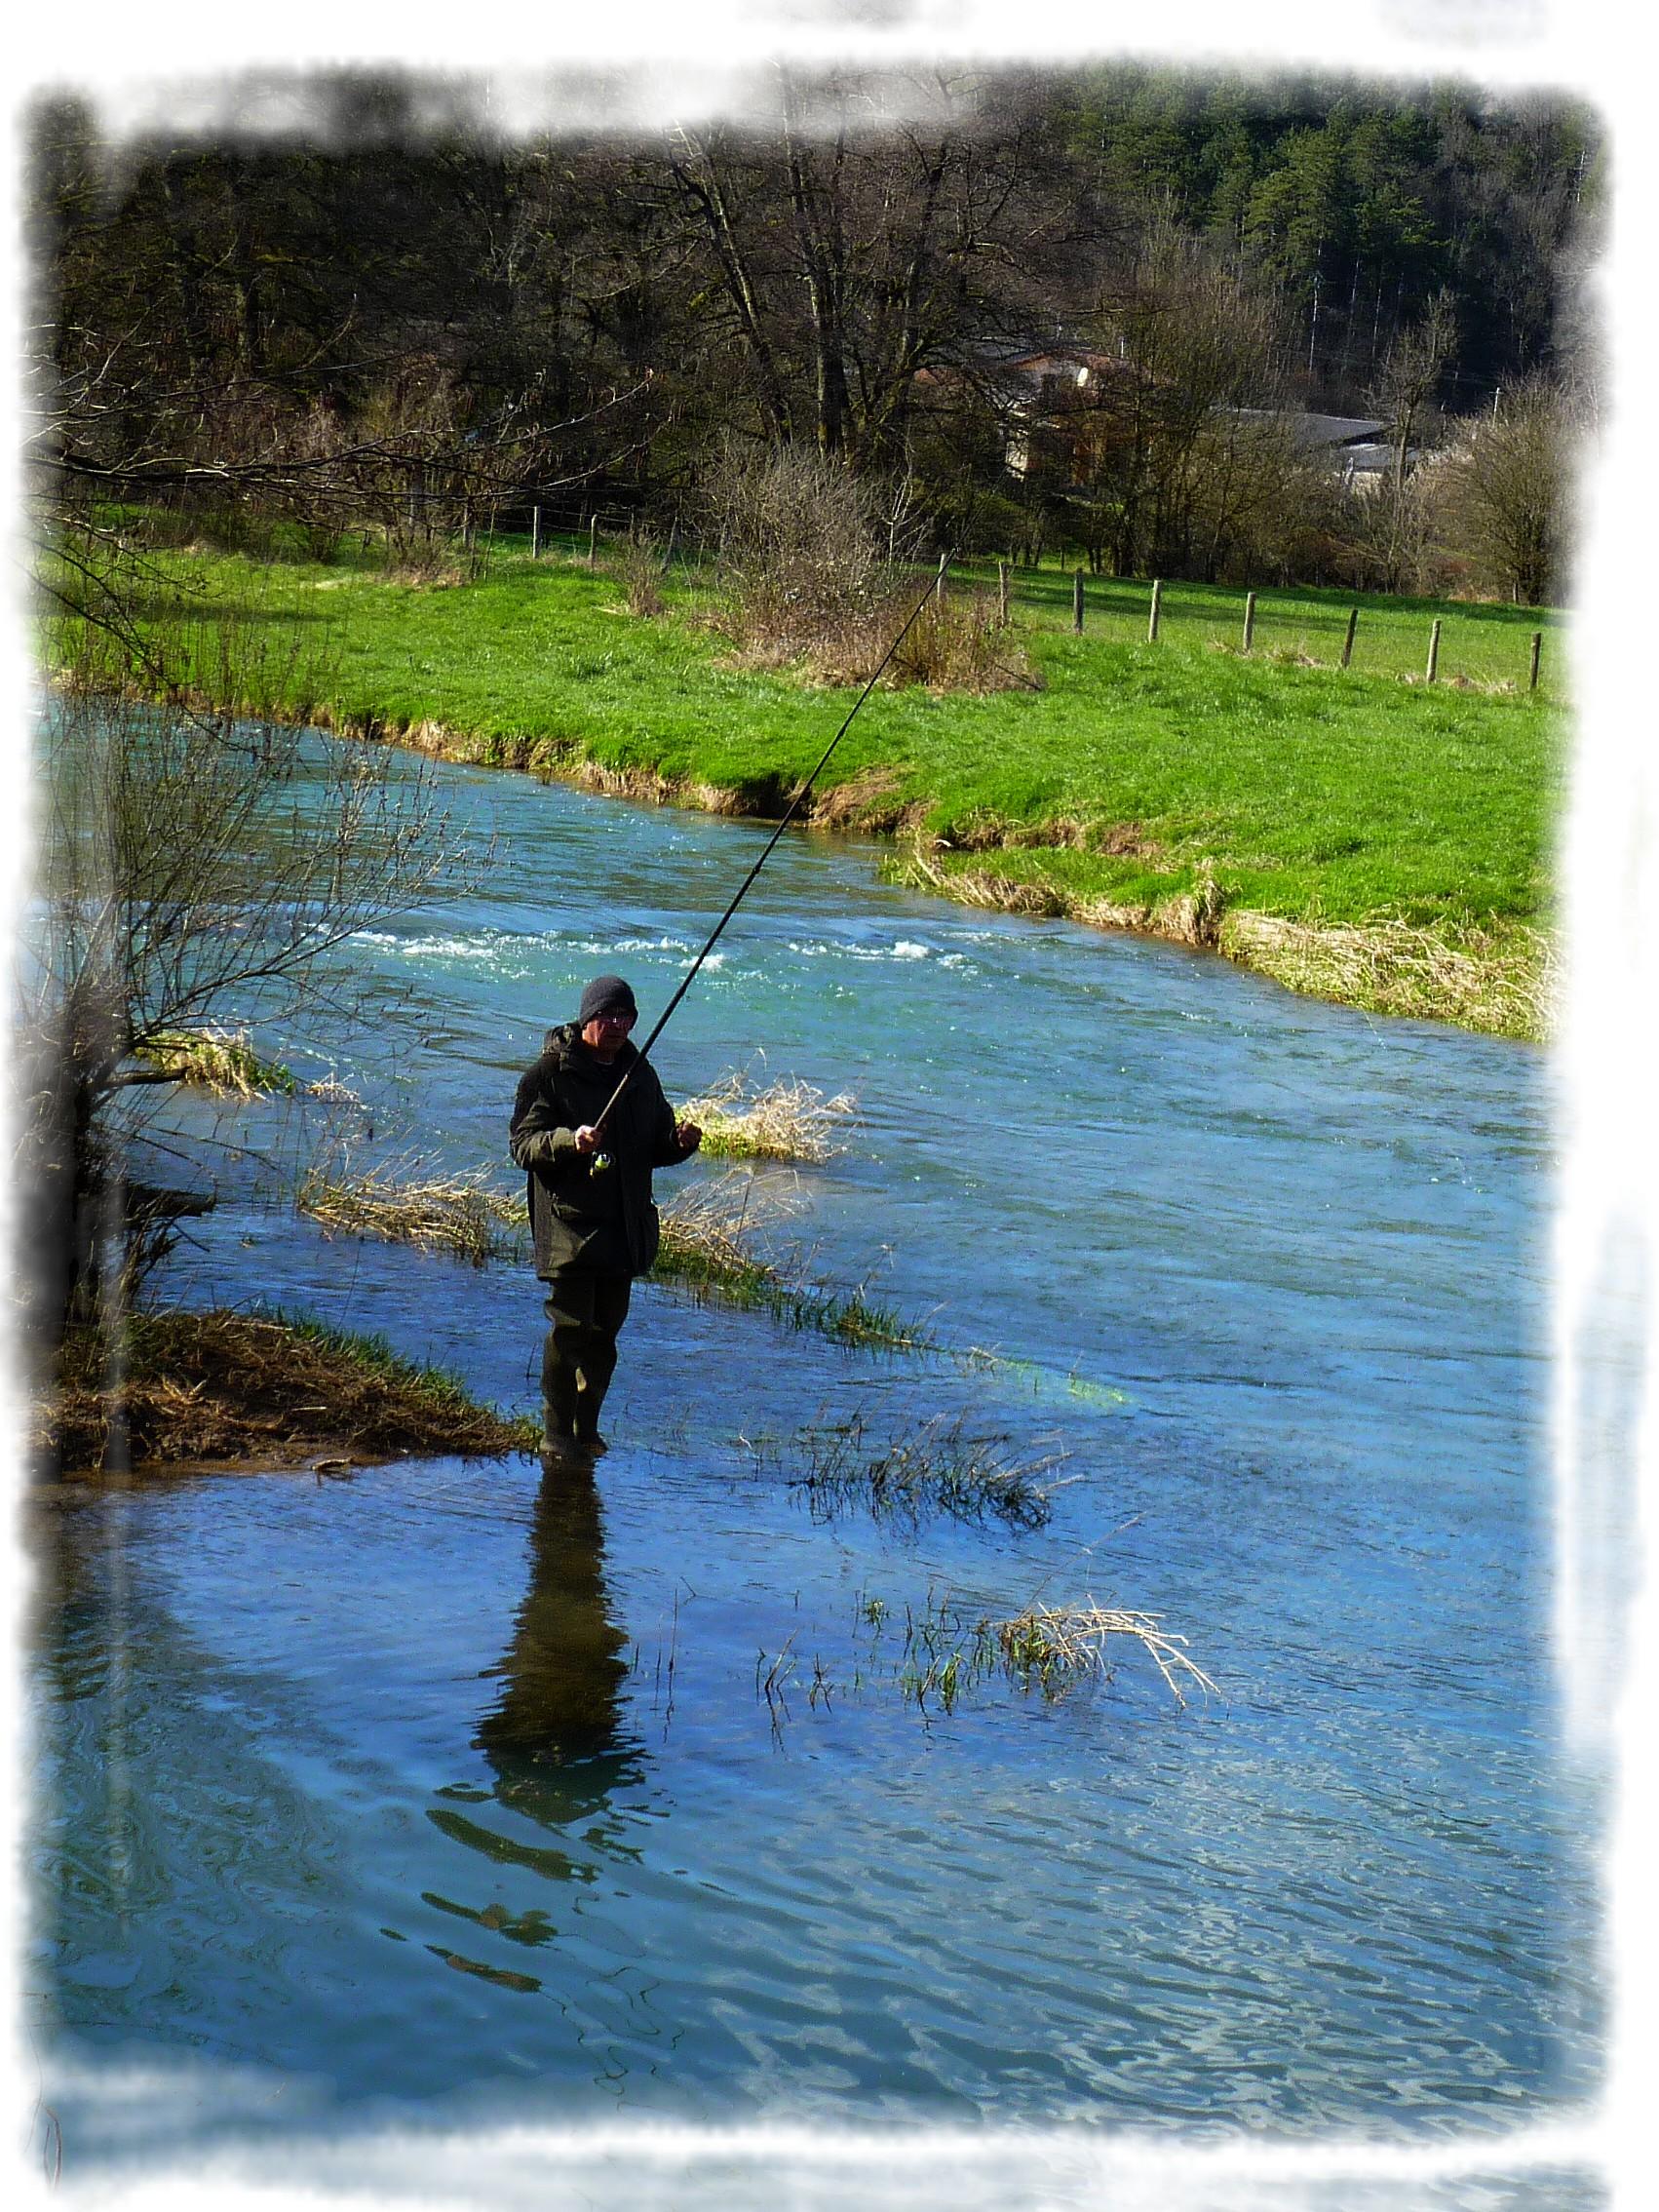 La pêche à la ligne - 14 mars 2020